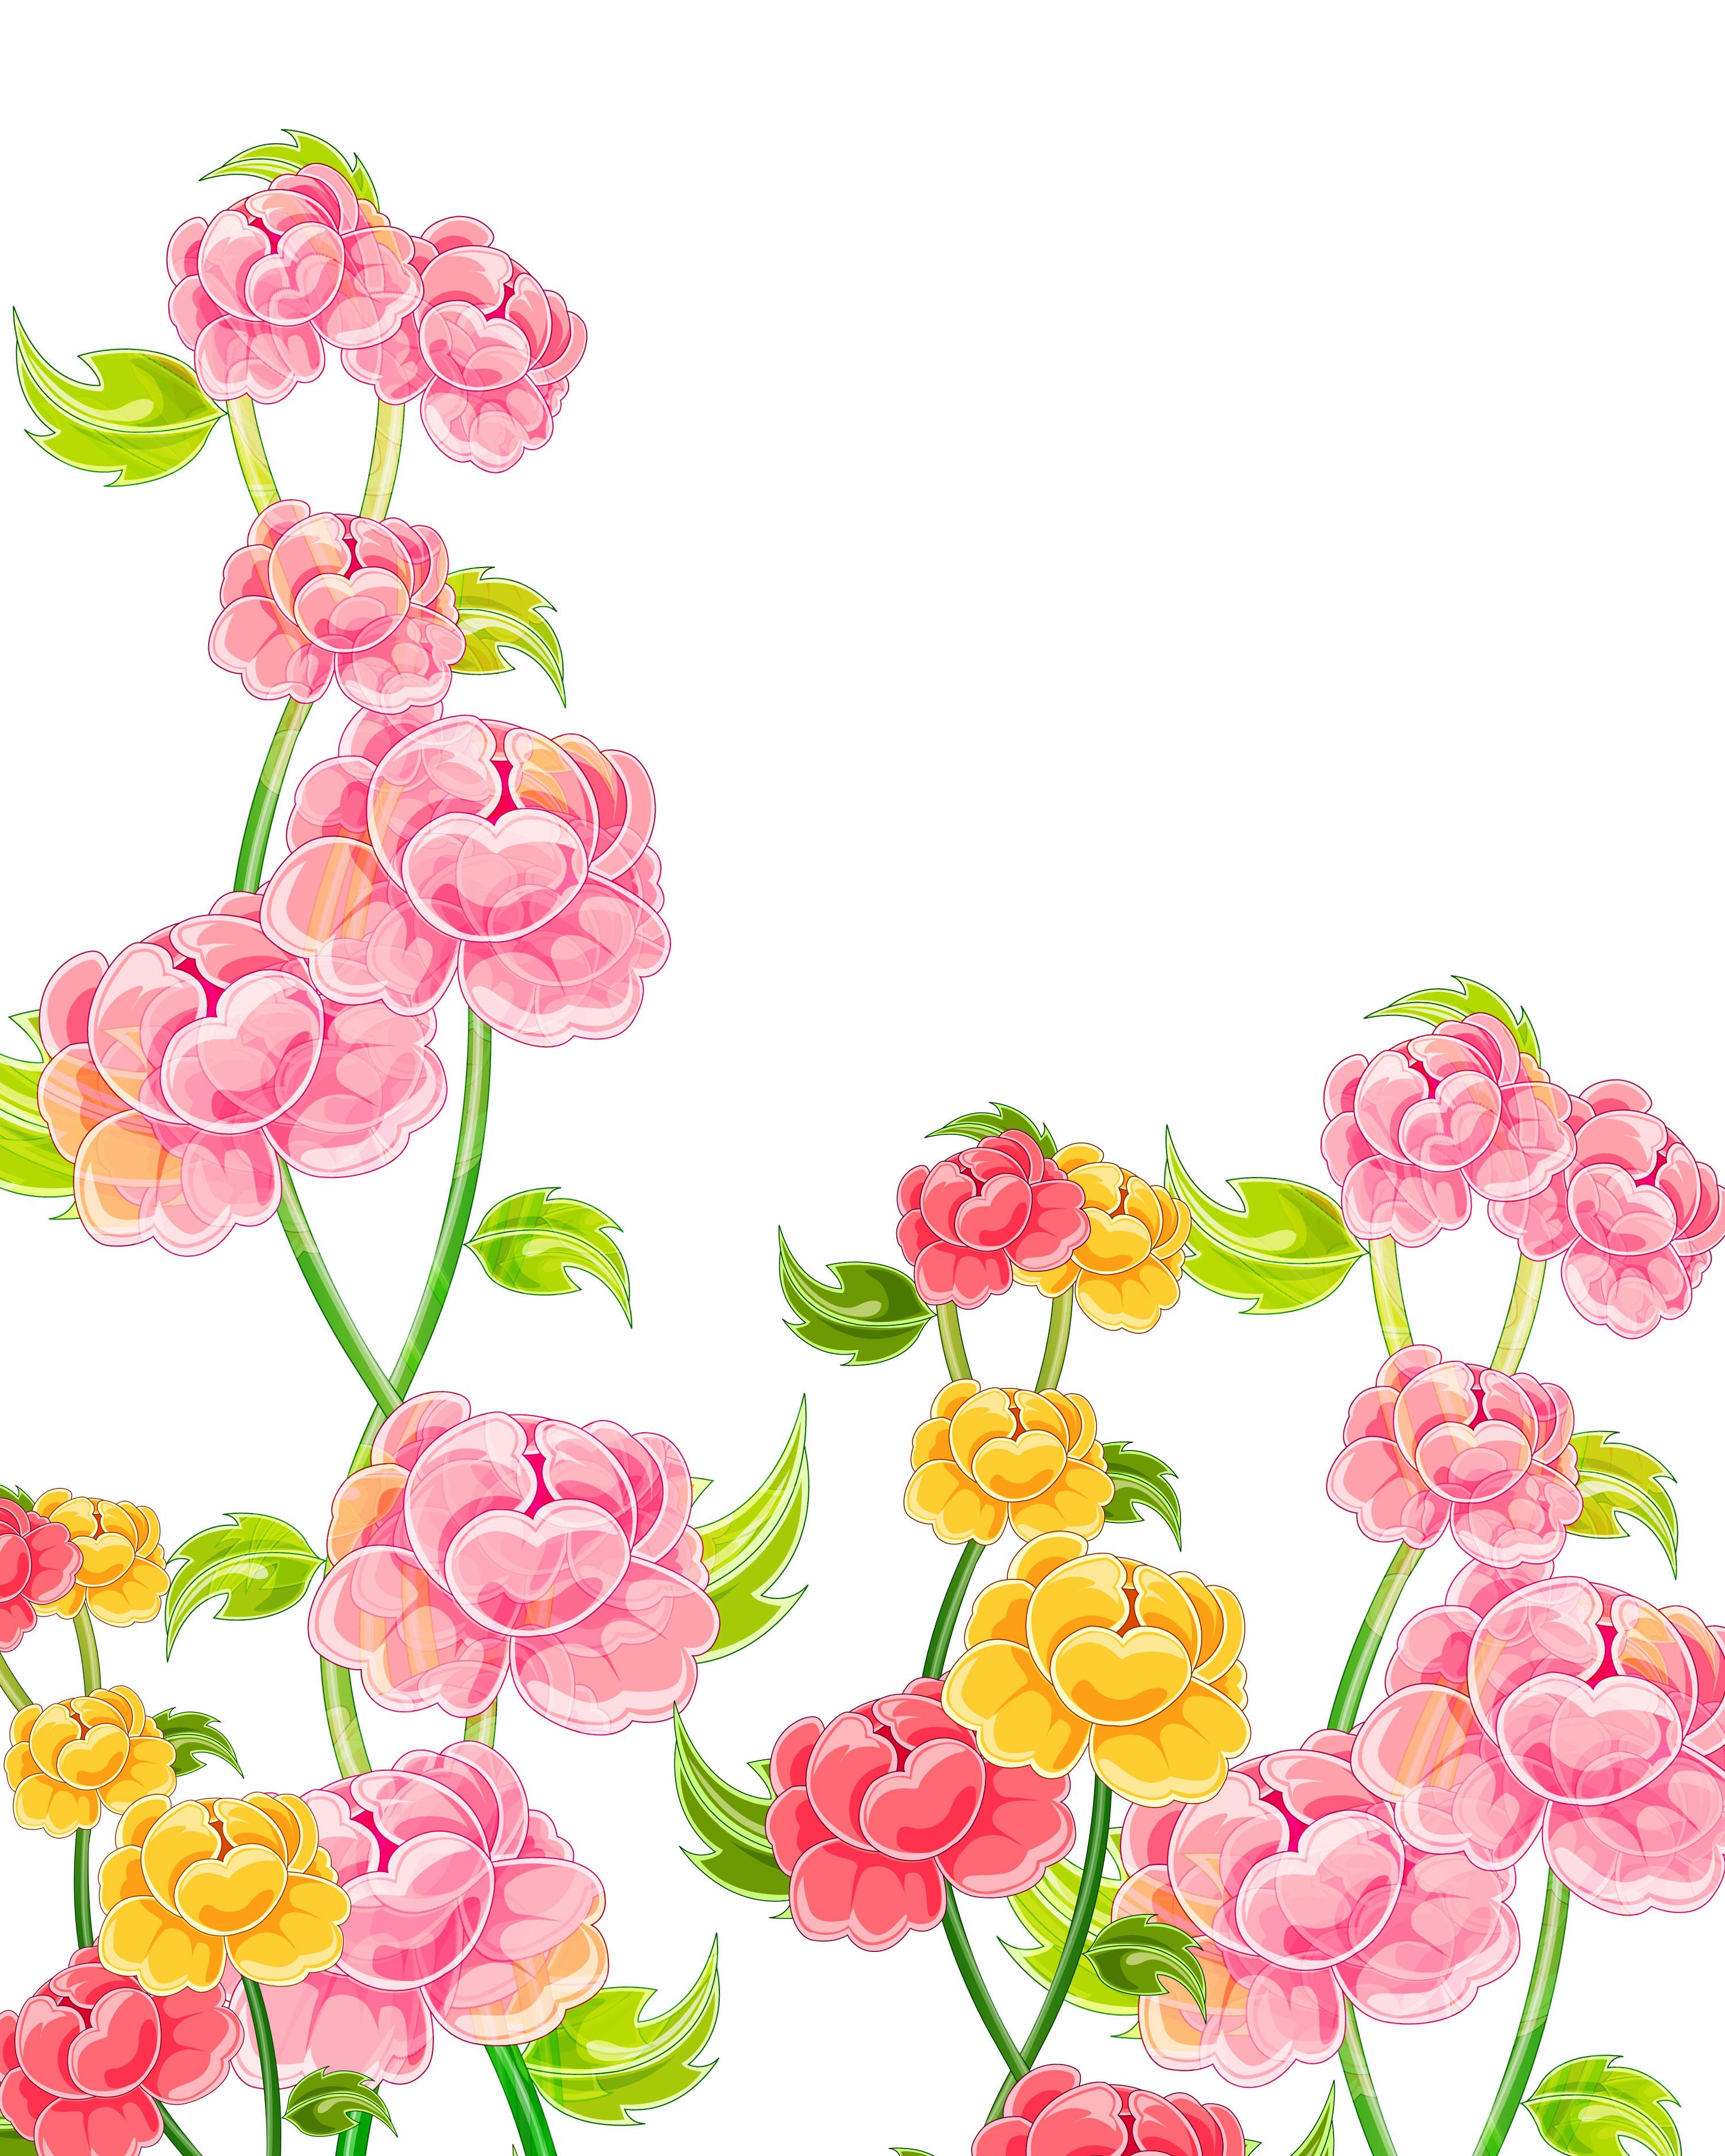 ピンクの花のイラスト・フリー素材/壁紙・背景no.632『ピンク・赤黄